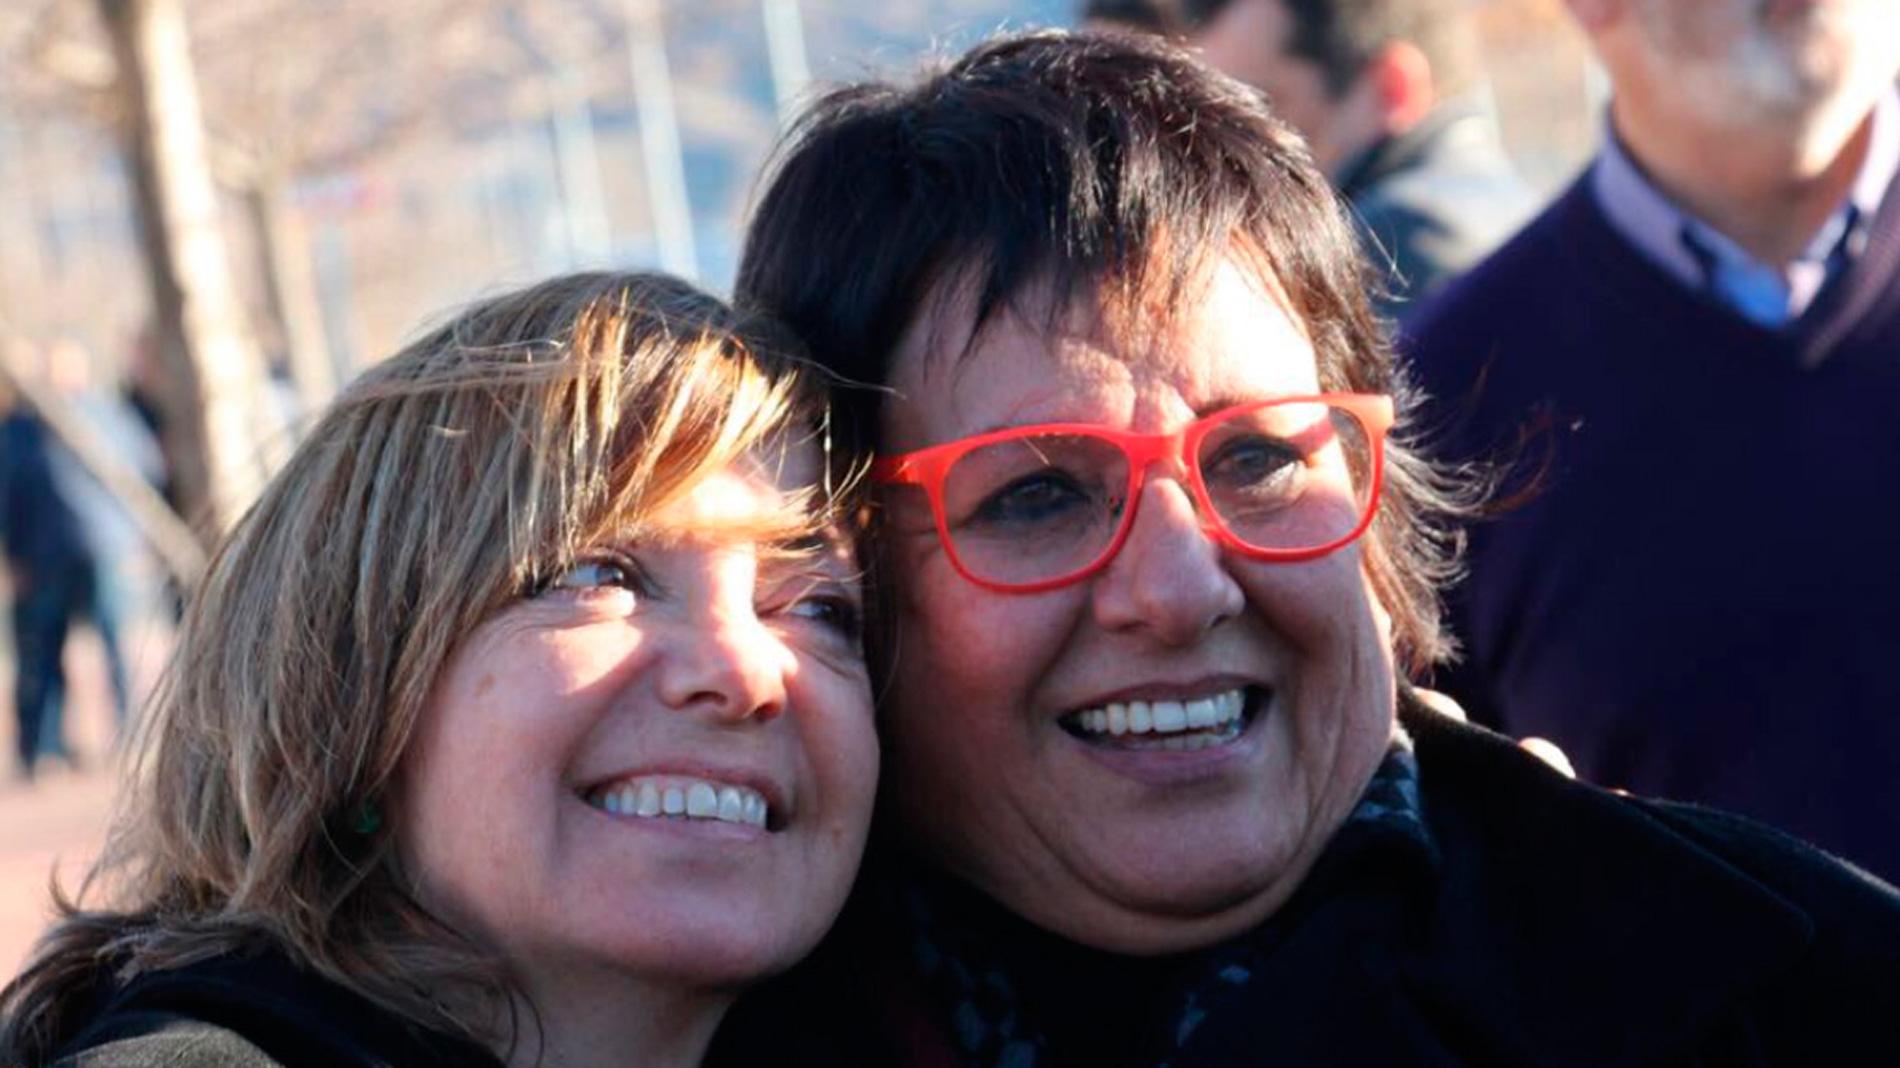 Las exconselleras catalanas Borràs y Bassa quedan en libertad tras abonar la fianza